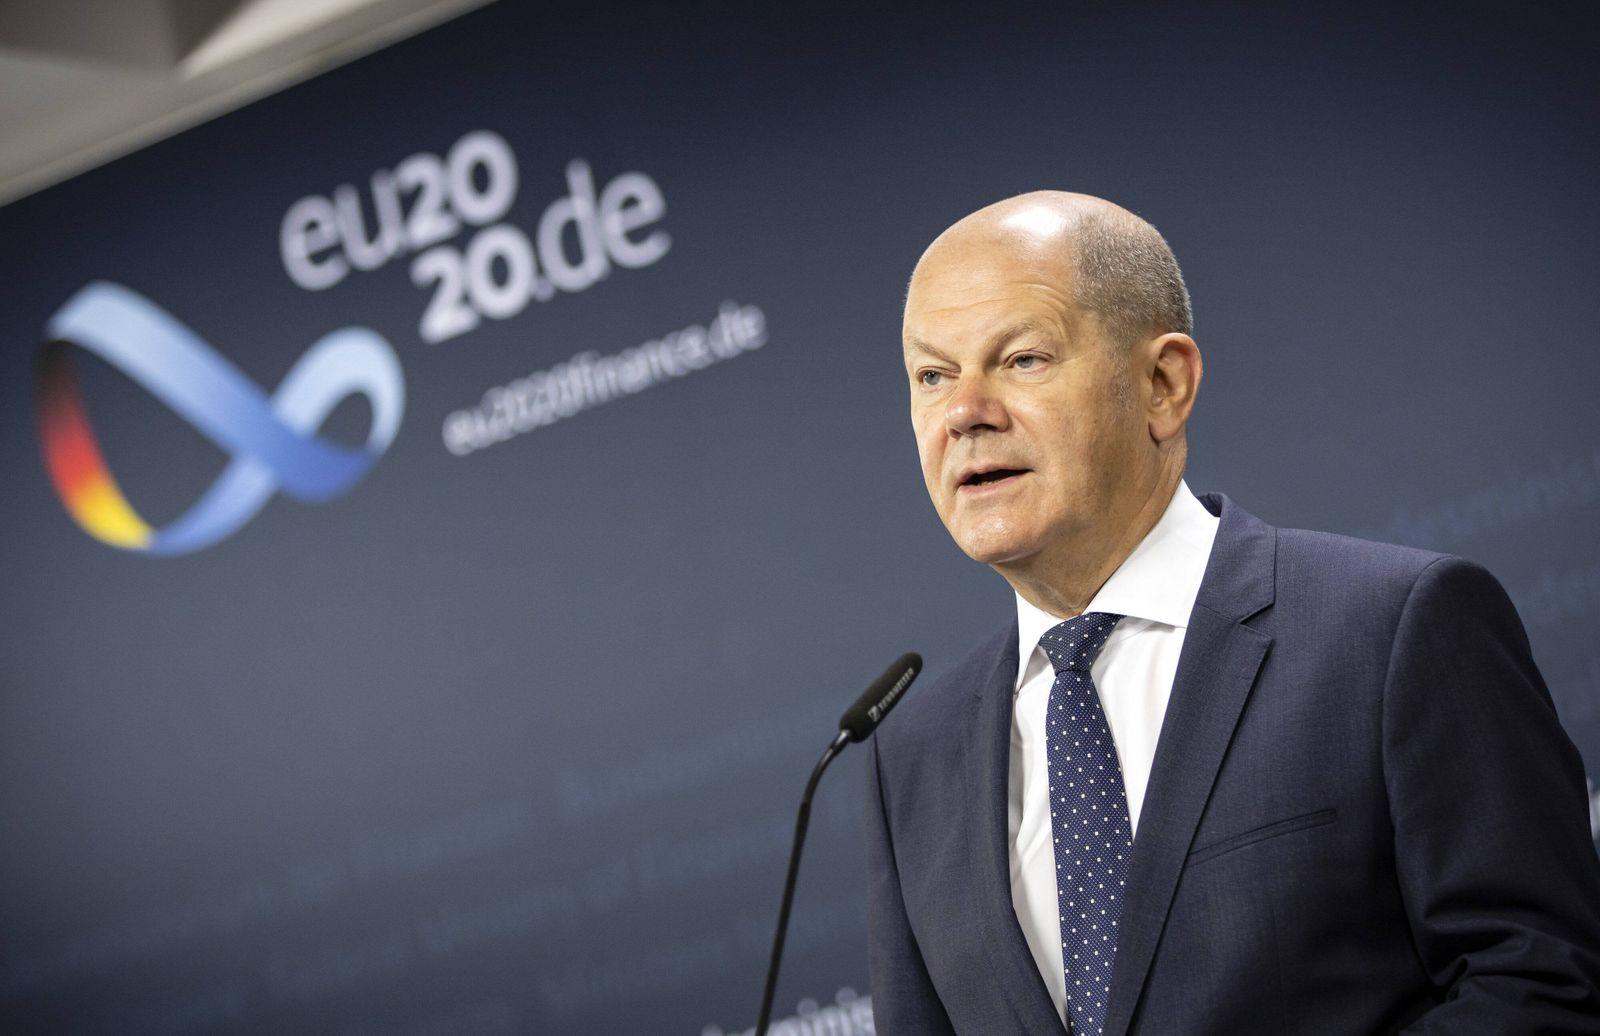 Doorstep zum ECOFIN Rat mit Bundesfinanzminister Olaf Scholz, SPD. Berlin, 10.07.2020 Berlin Deutschland *** Doorstep t